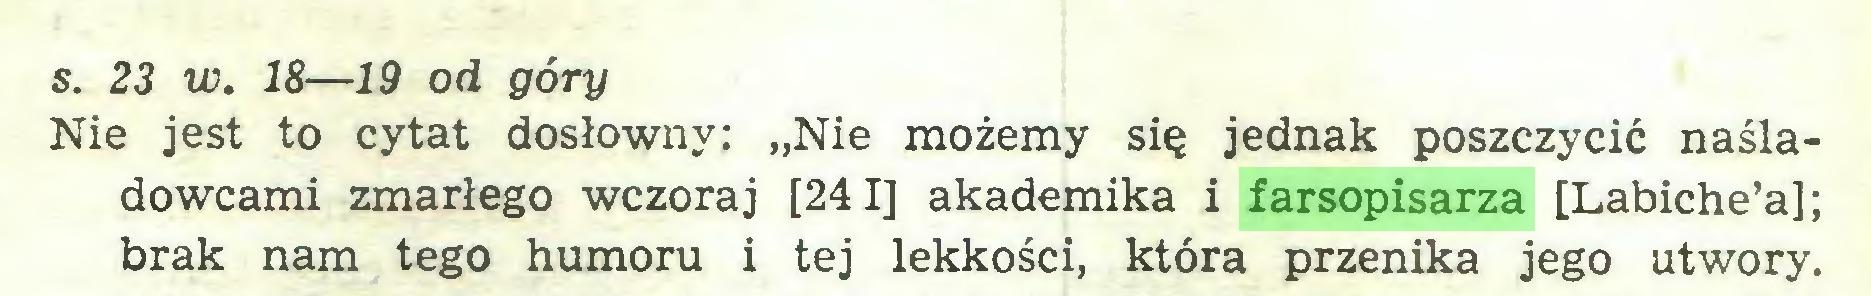 """(...) s. 23 w. 18—19 od góry Nie jest to cytat dosłowny: """"Nie możemy się jednak poszczycić naśladowcami zmarłego wczoraj [241] akademika i farsopisarza [Labiche'a]; brak nam tego humoru i tej lekkości, która przenika jego utwory..."""